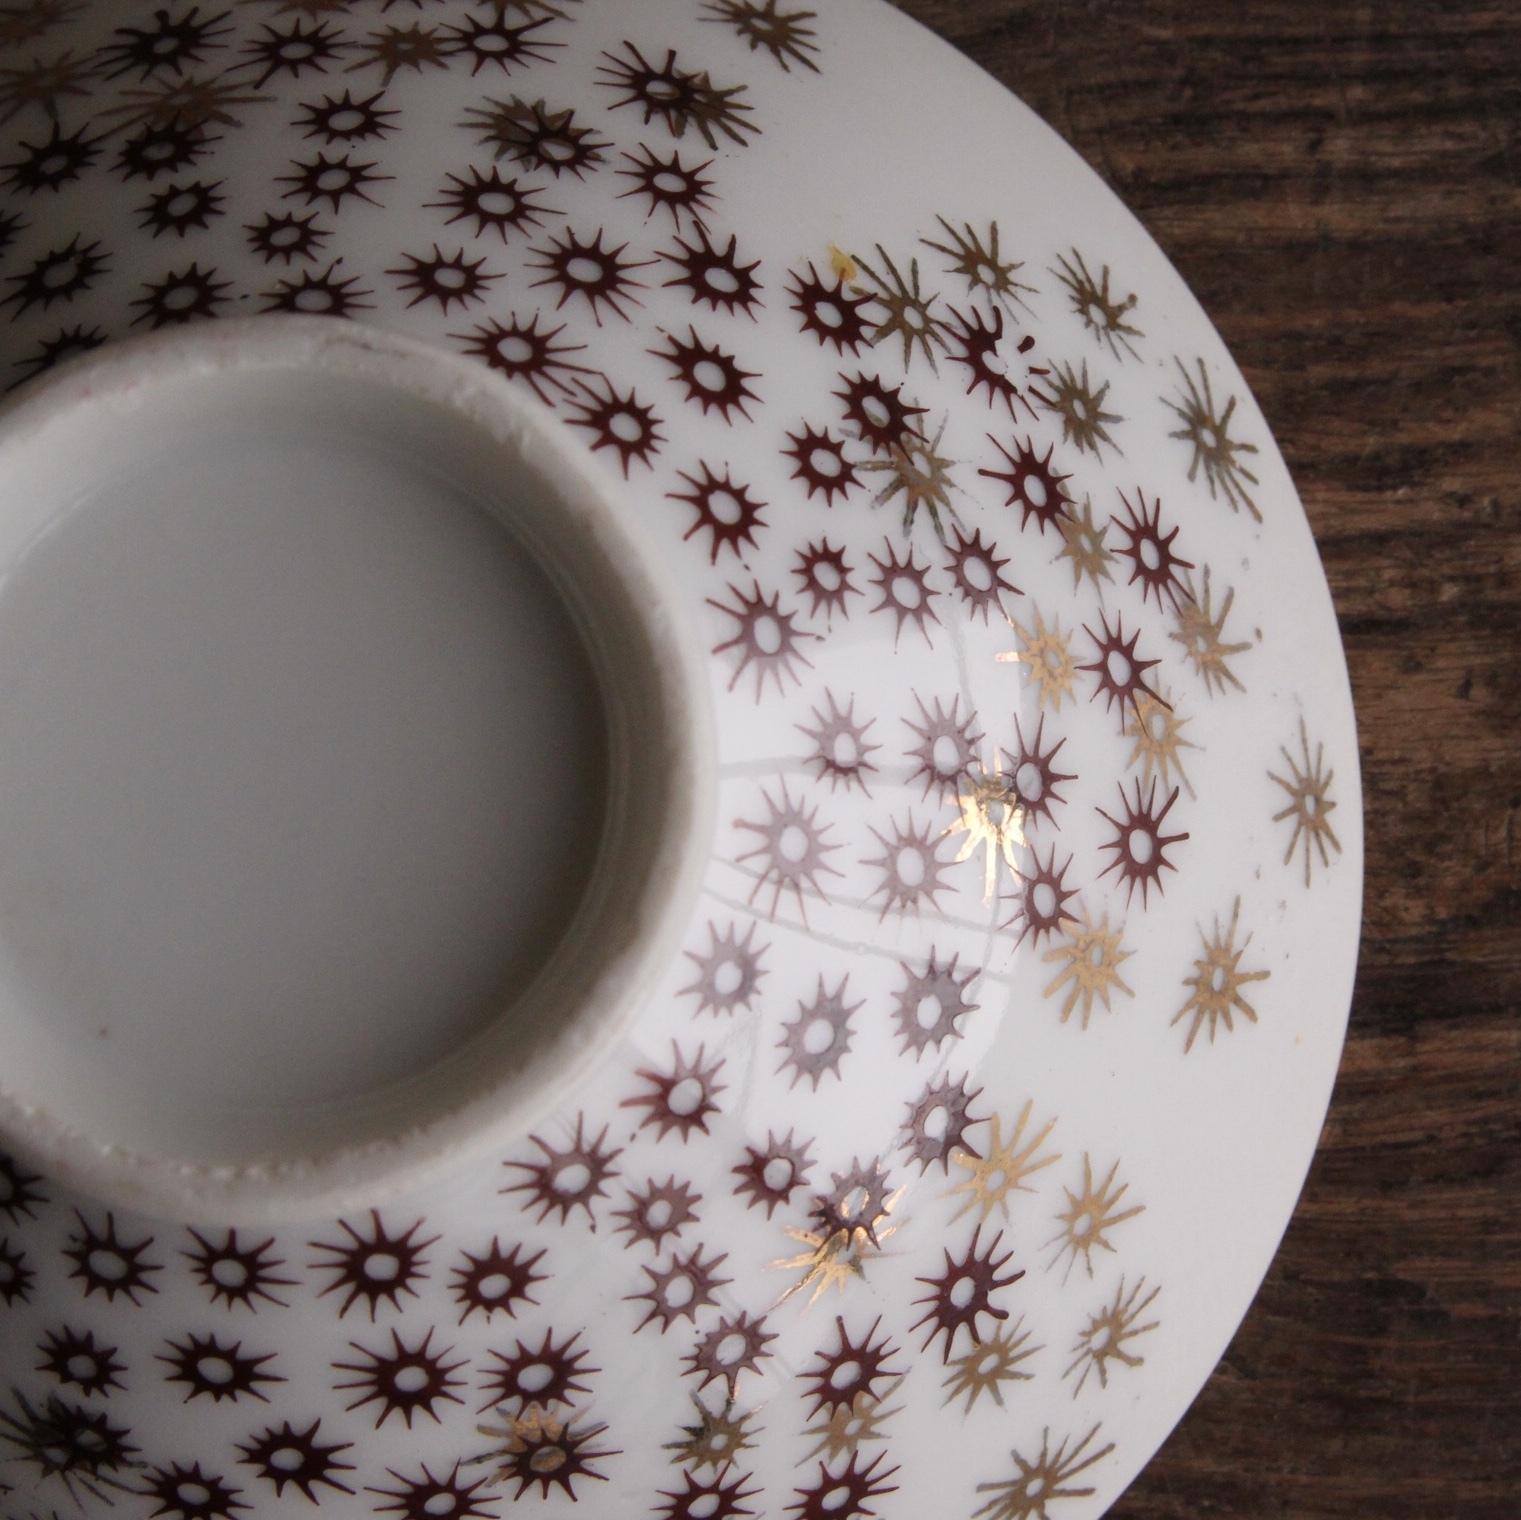 昭和レトロ キラキラ星柄茶碗 在庫3客